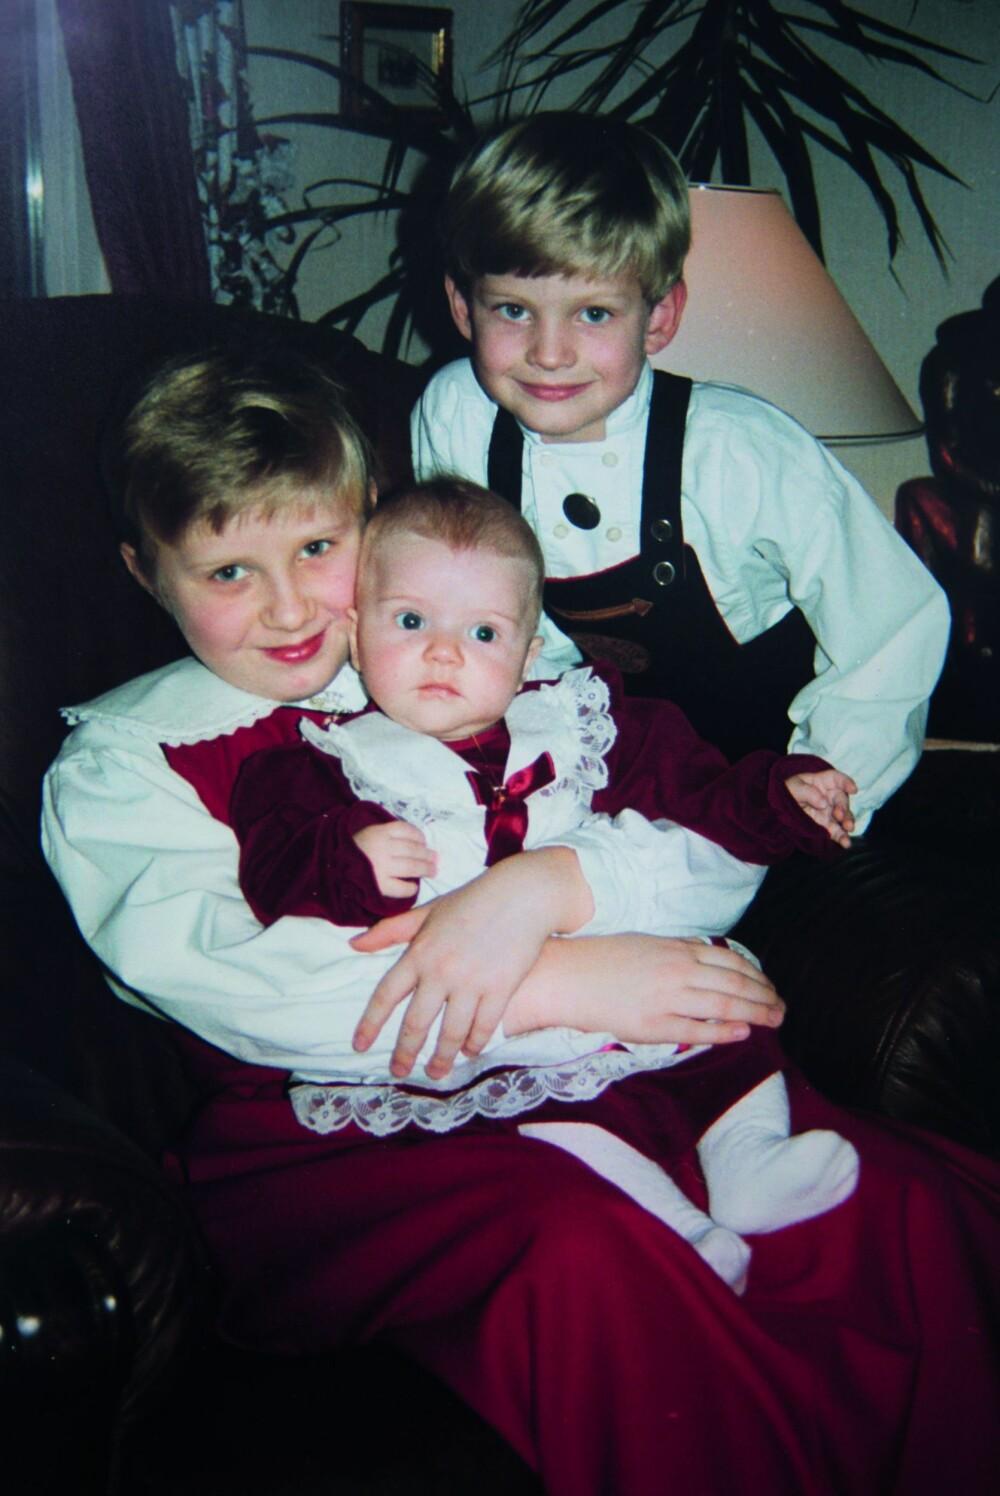 ATTPÅKLATTEN: Denne lille tulla ble fra første stund omfavnet av sine storesøsken, åtte år eldre Annika og seks år eldre Jarle.